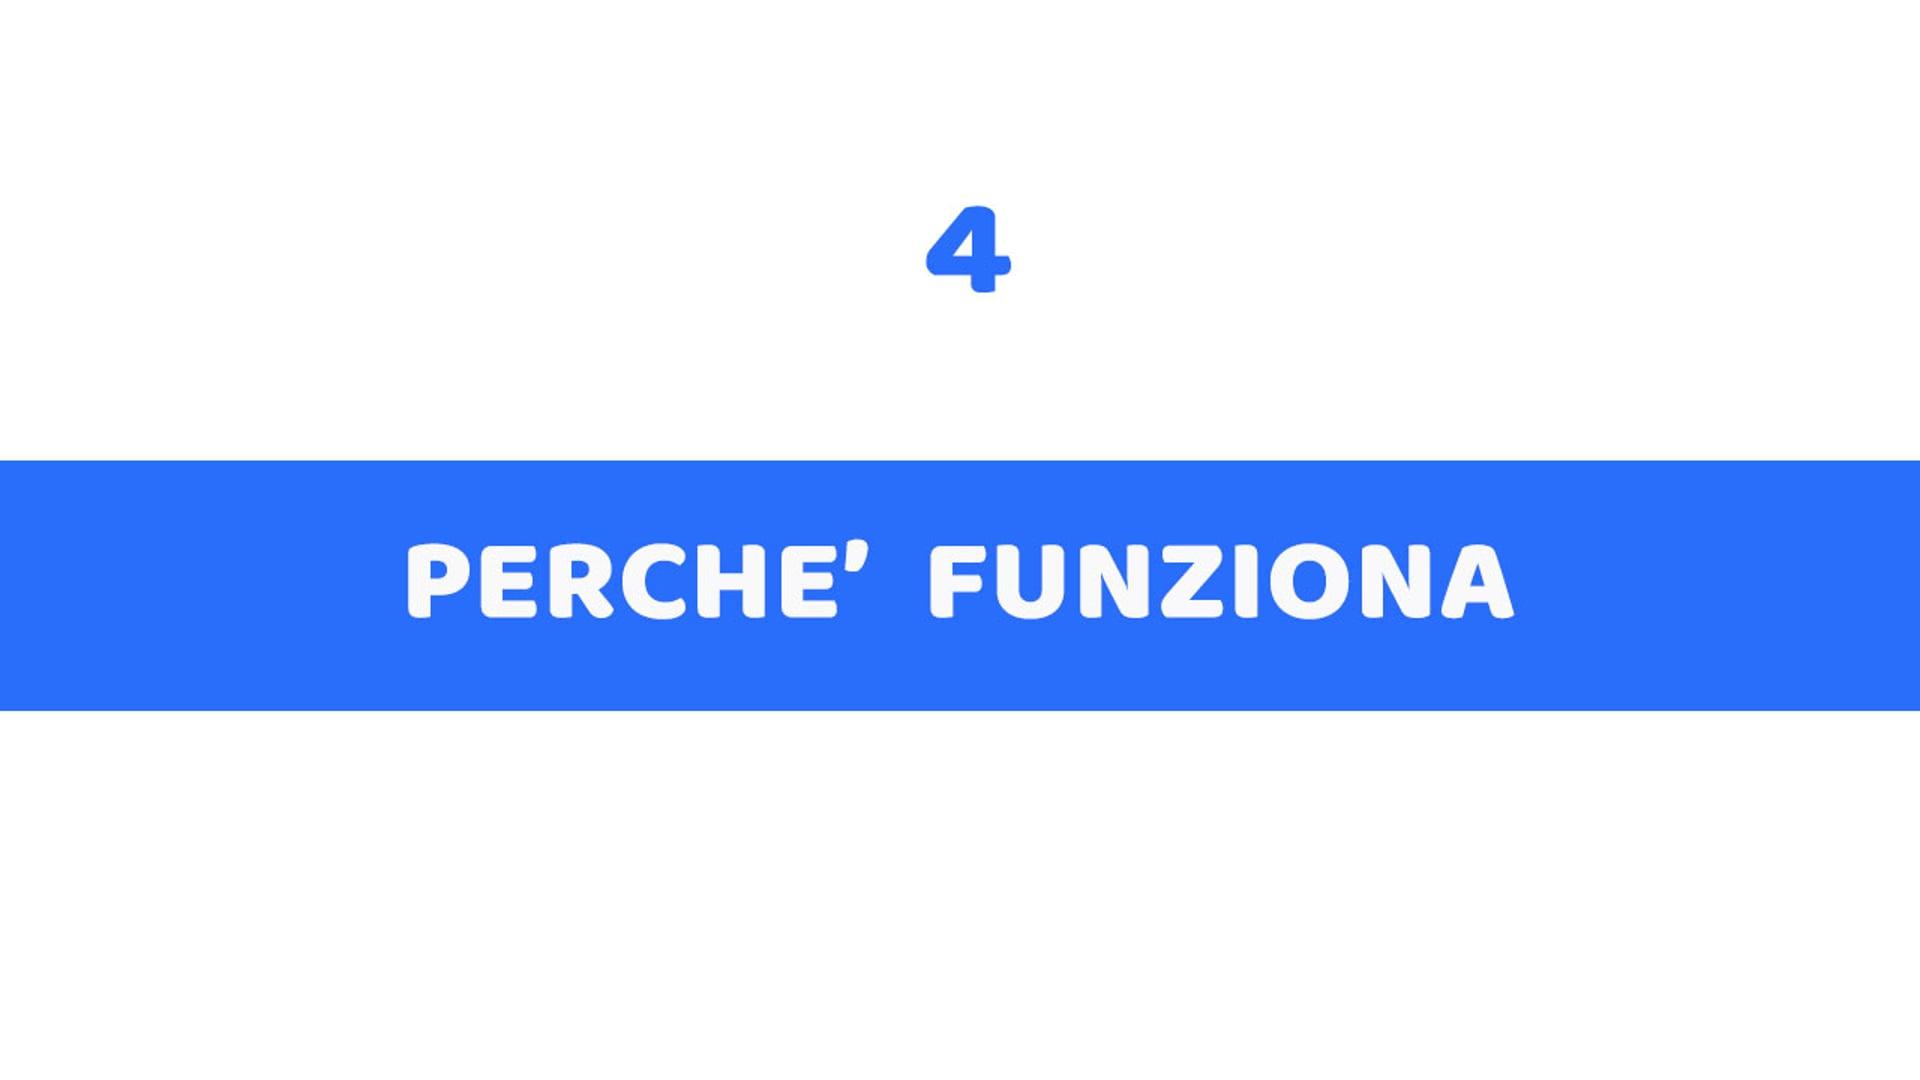 4 - PERCHE' FUNZIONA